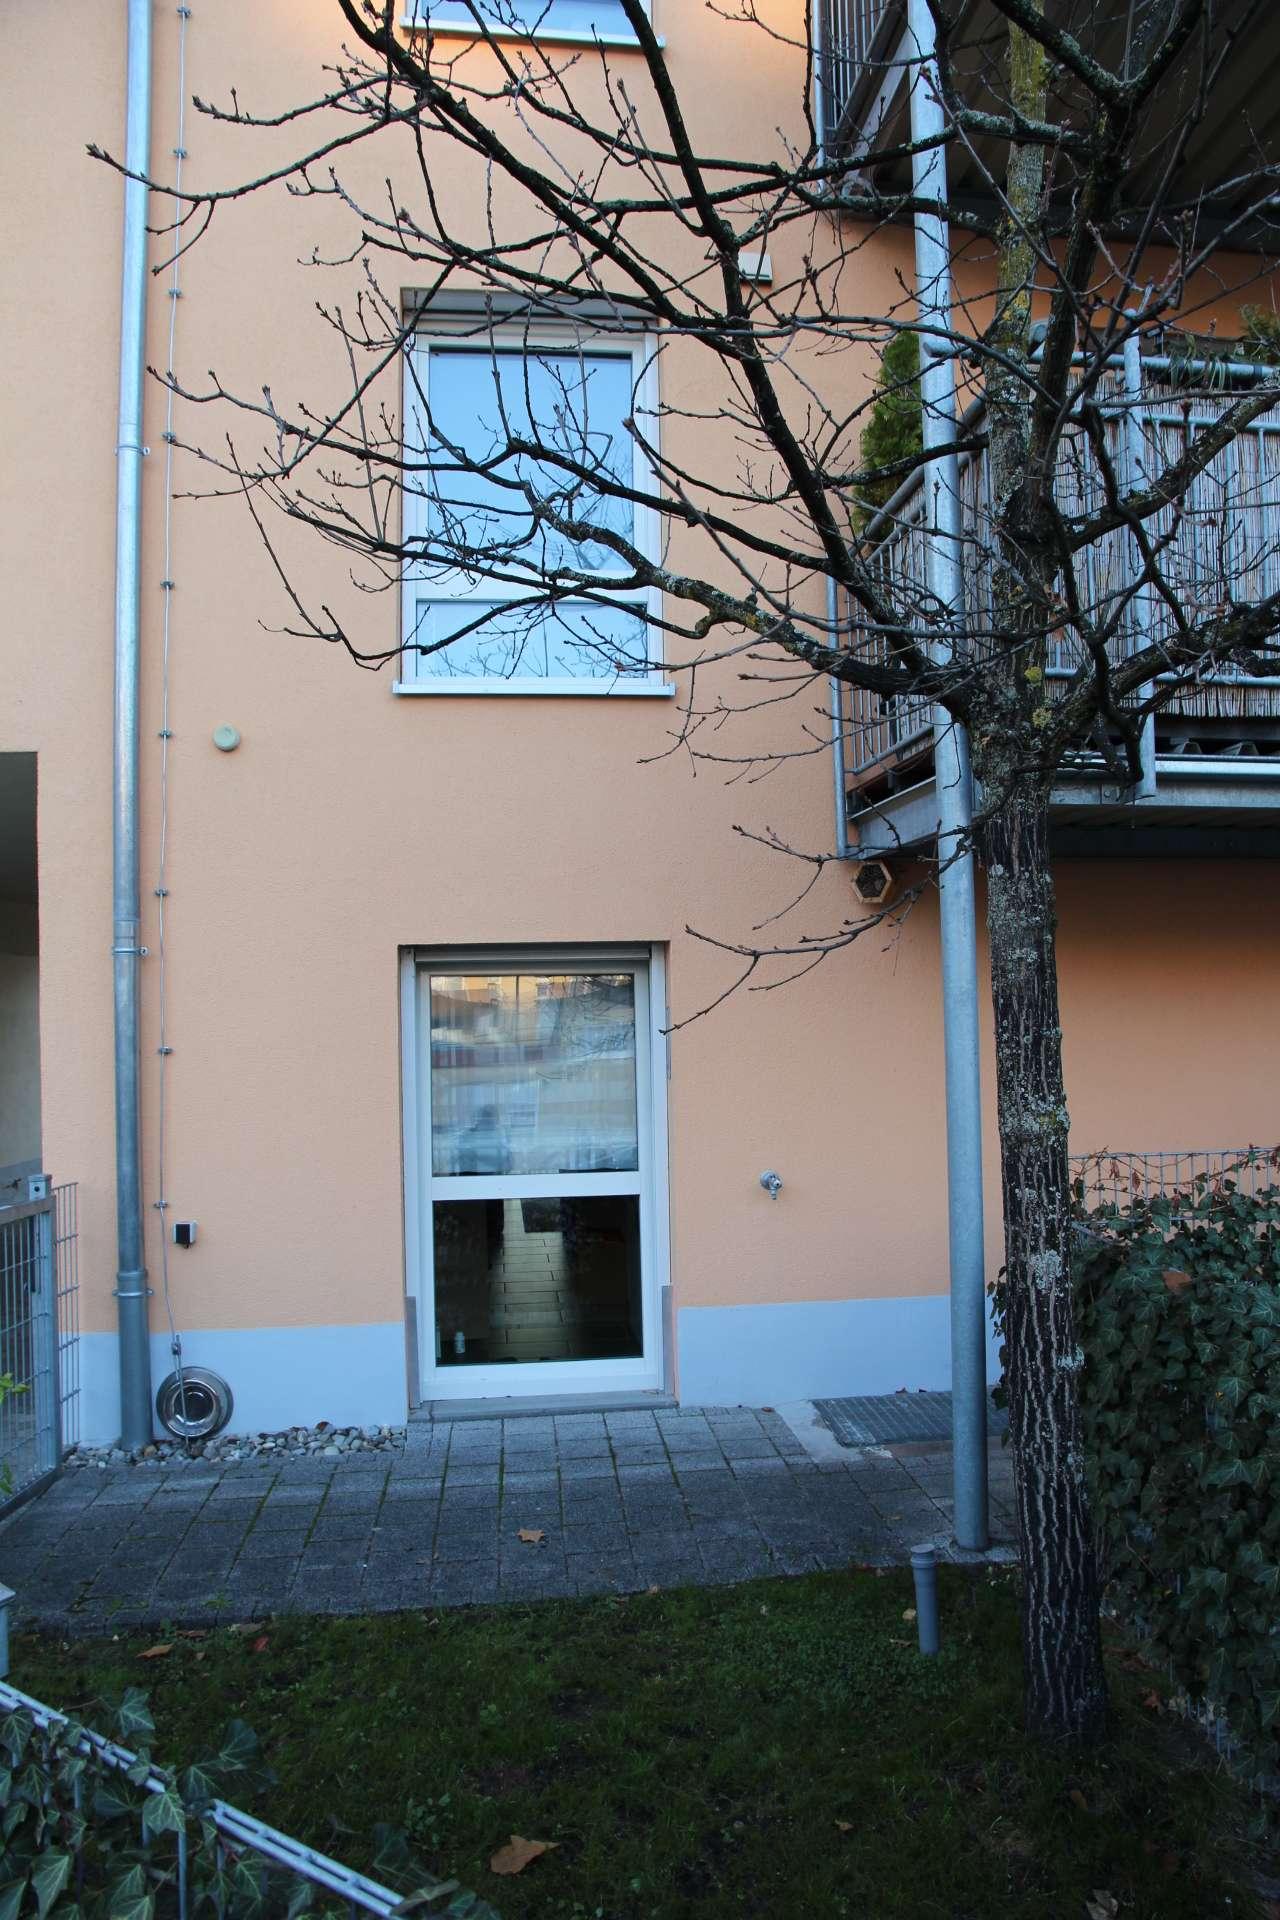 Geräumige 1-Zimmer-Wohnung in gesundem Wohnumfeld  in Erlangen in